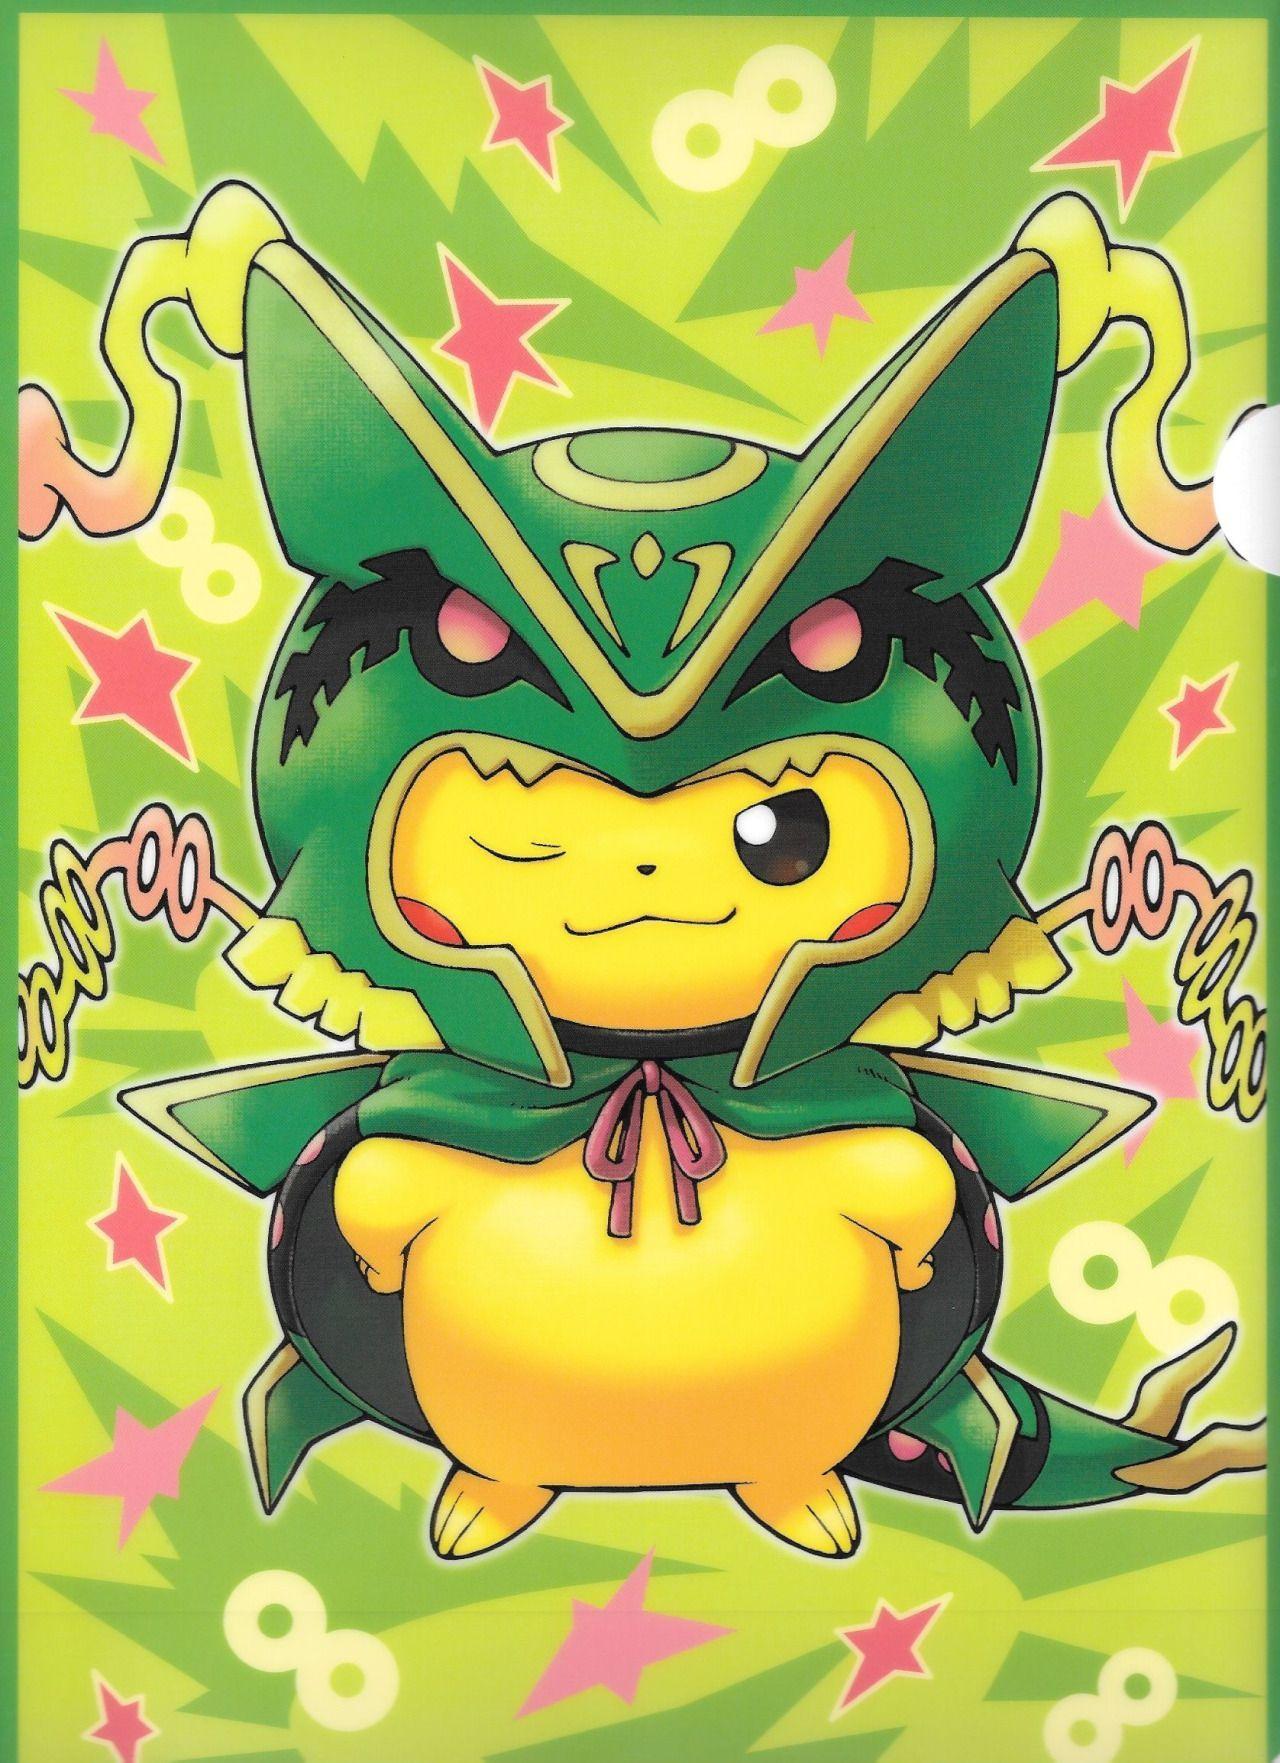 Anime Costume pikachumega rayquaza … Pokemon rayquaza